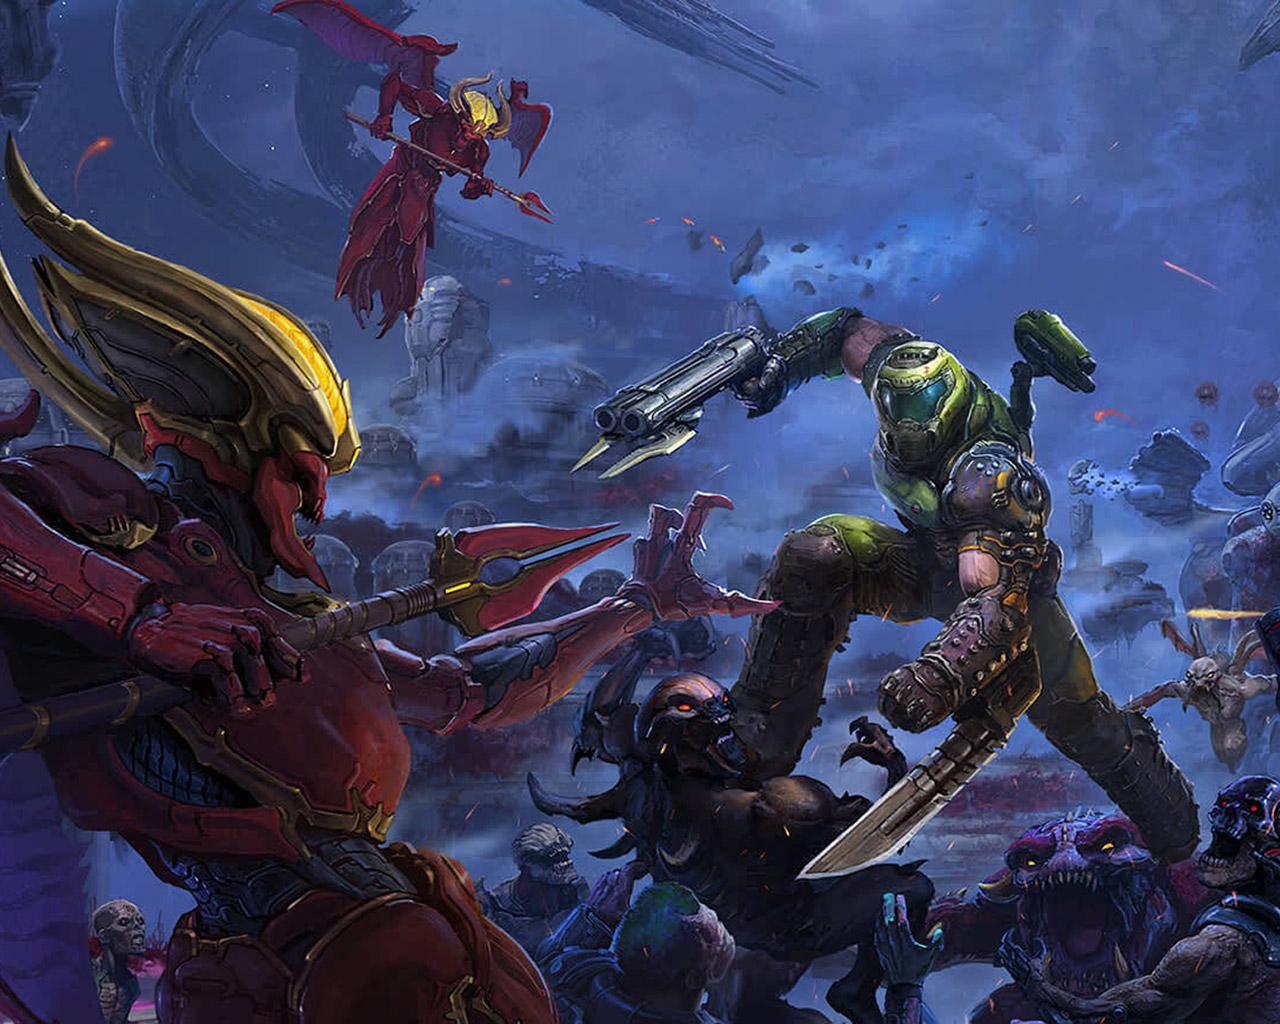 Doom Eternal Wallpaper in 1280x1024